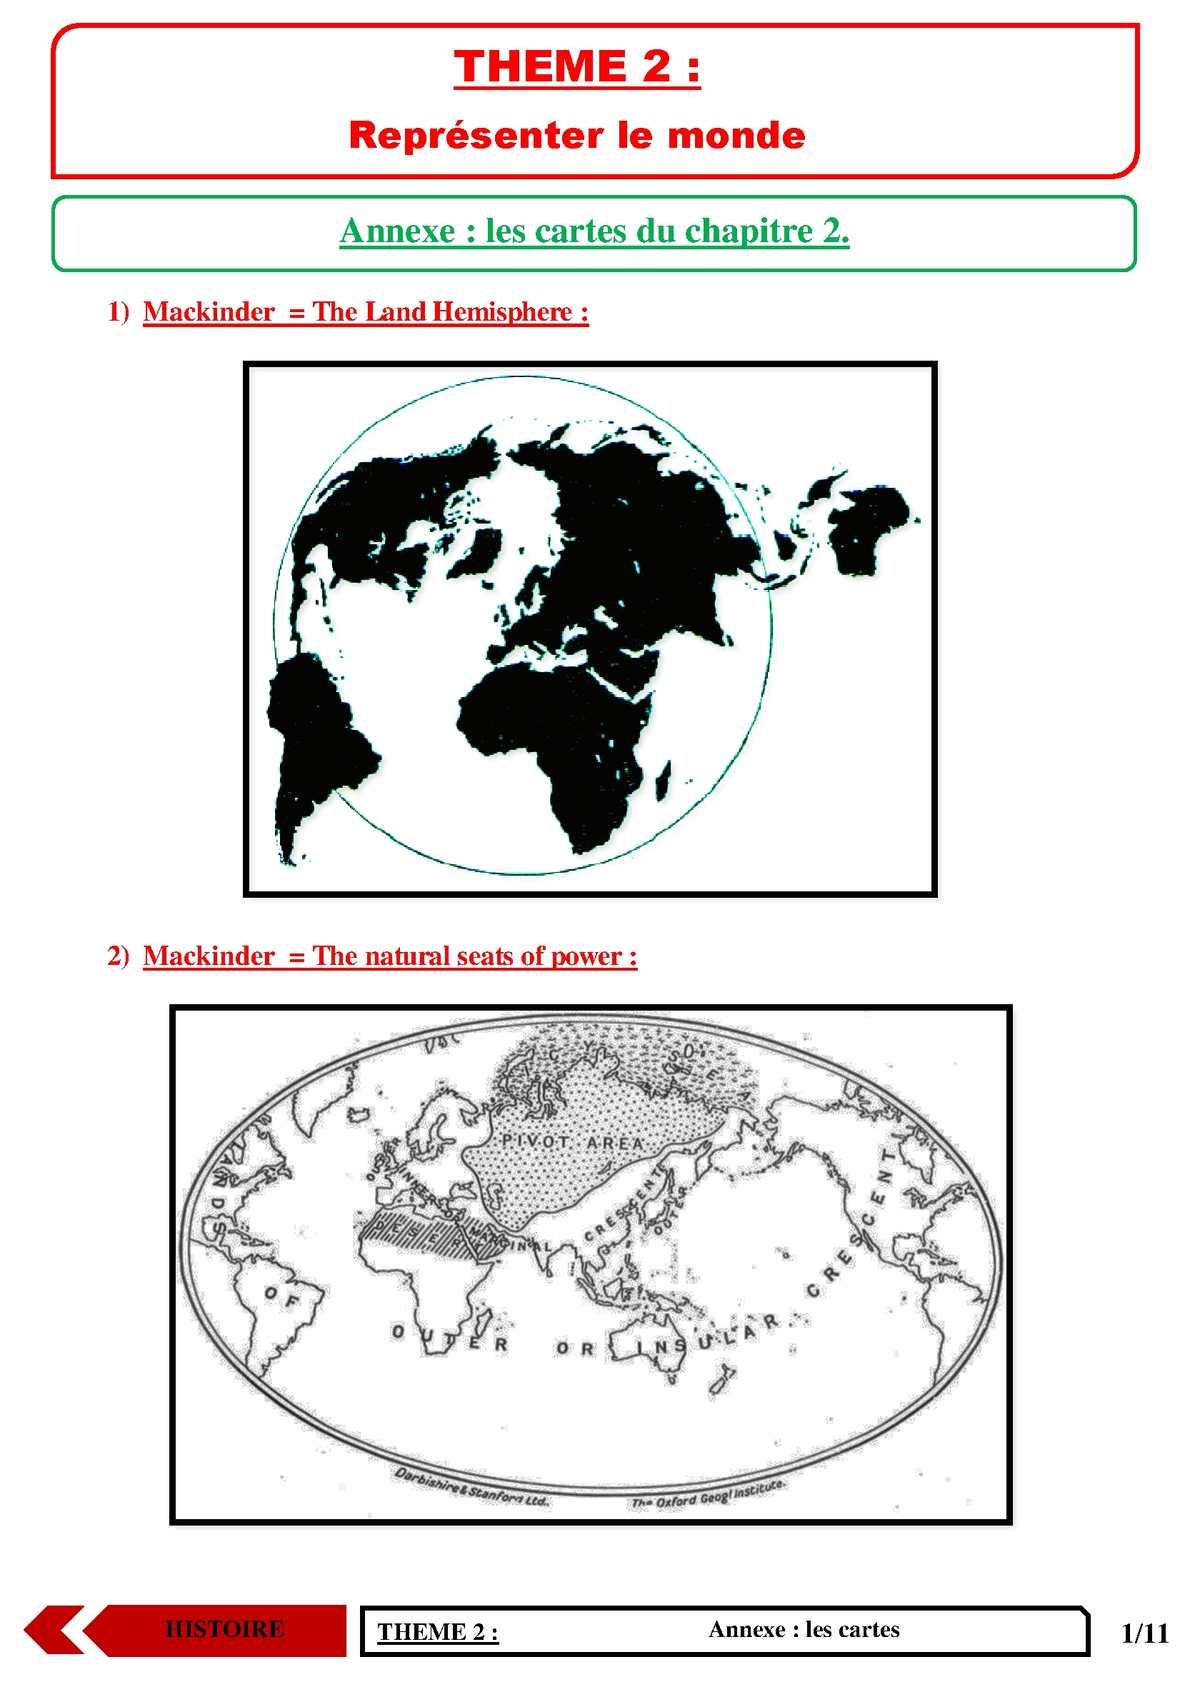 TS - HISTOIRE-GEOGRAPHIE - Annexe chapitre 4 | JéSky.fr